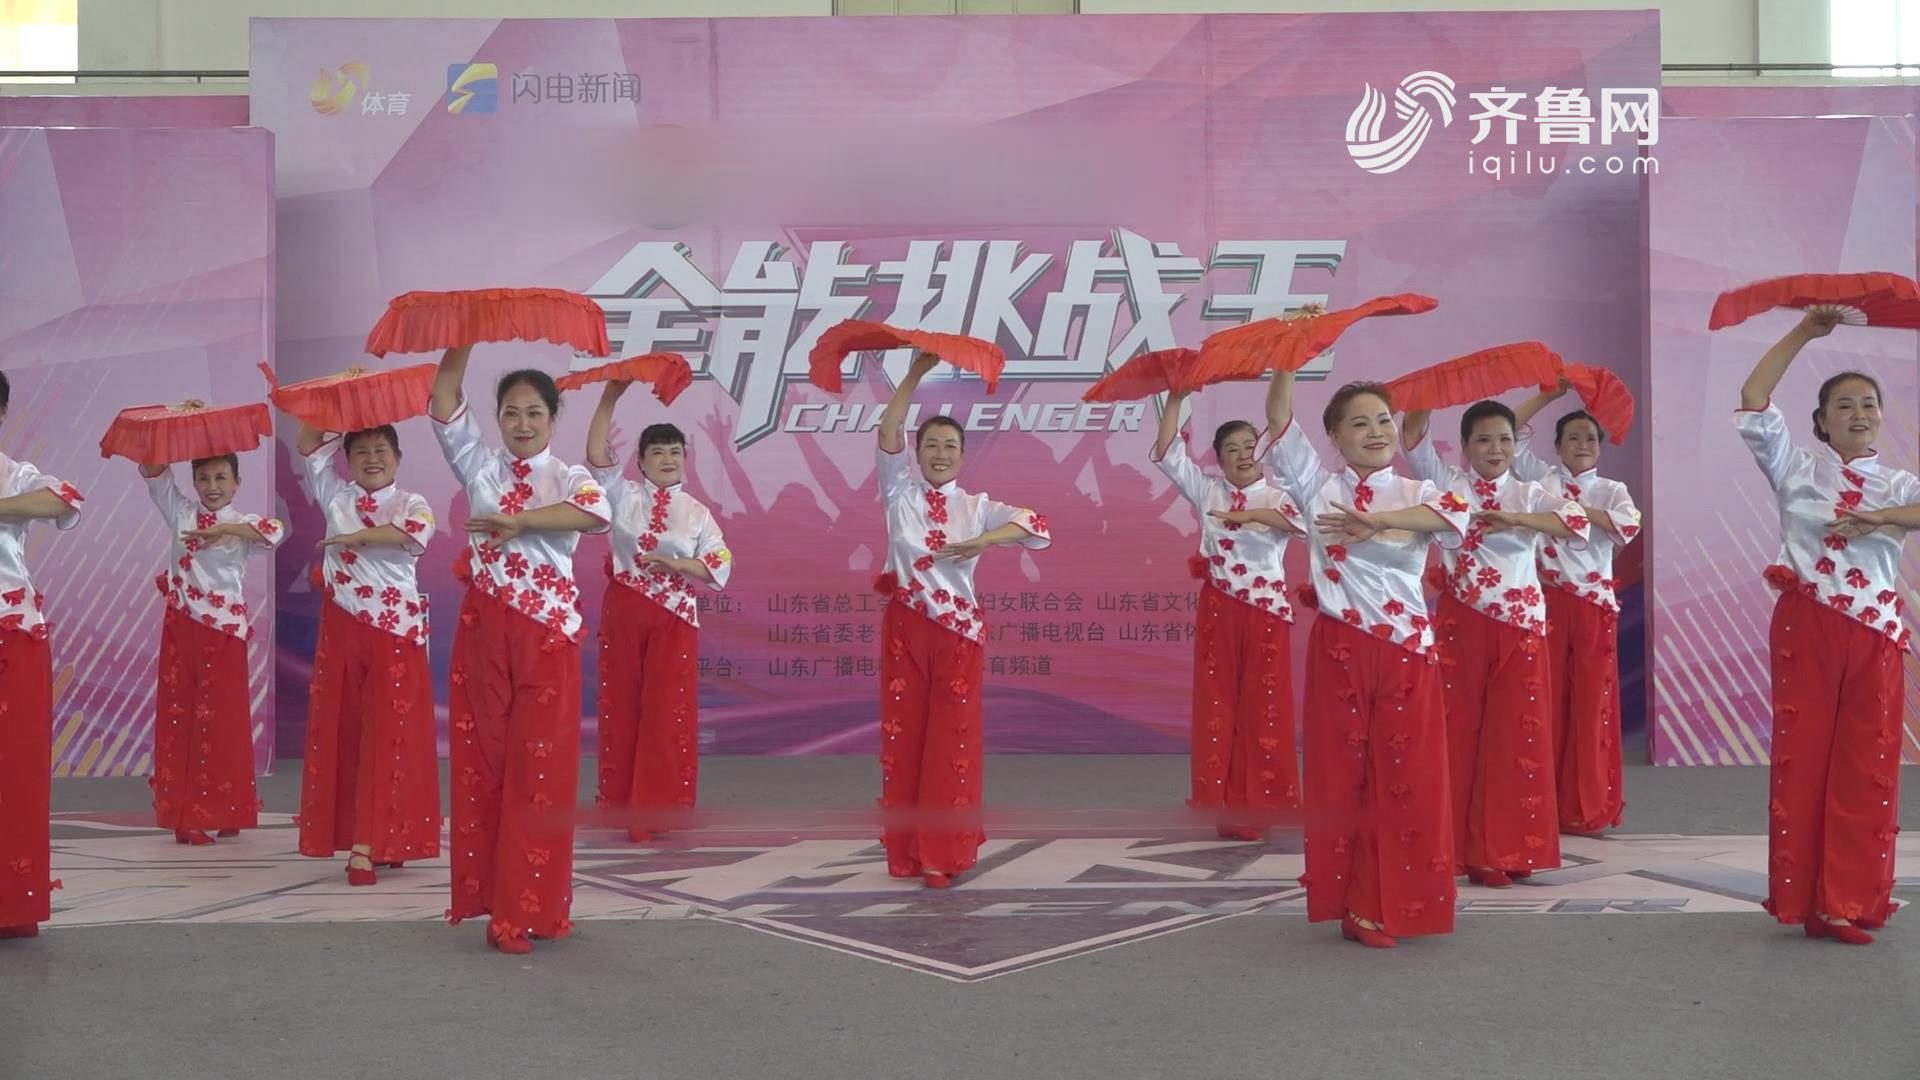 《全能挑战王》济宁兖州铁路舞蹈队表演《舒心的日子扭着过》